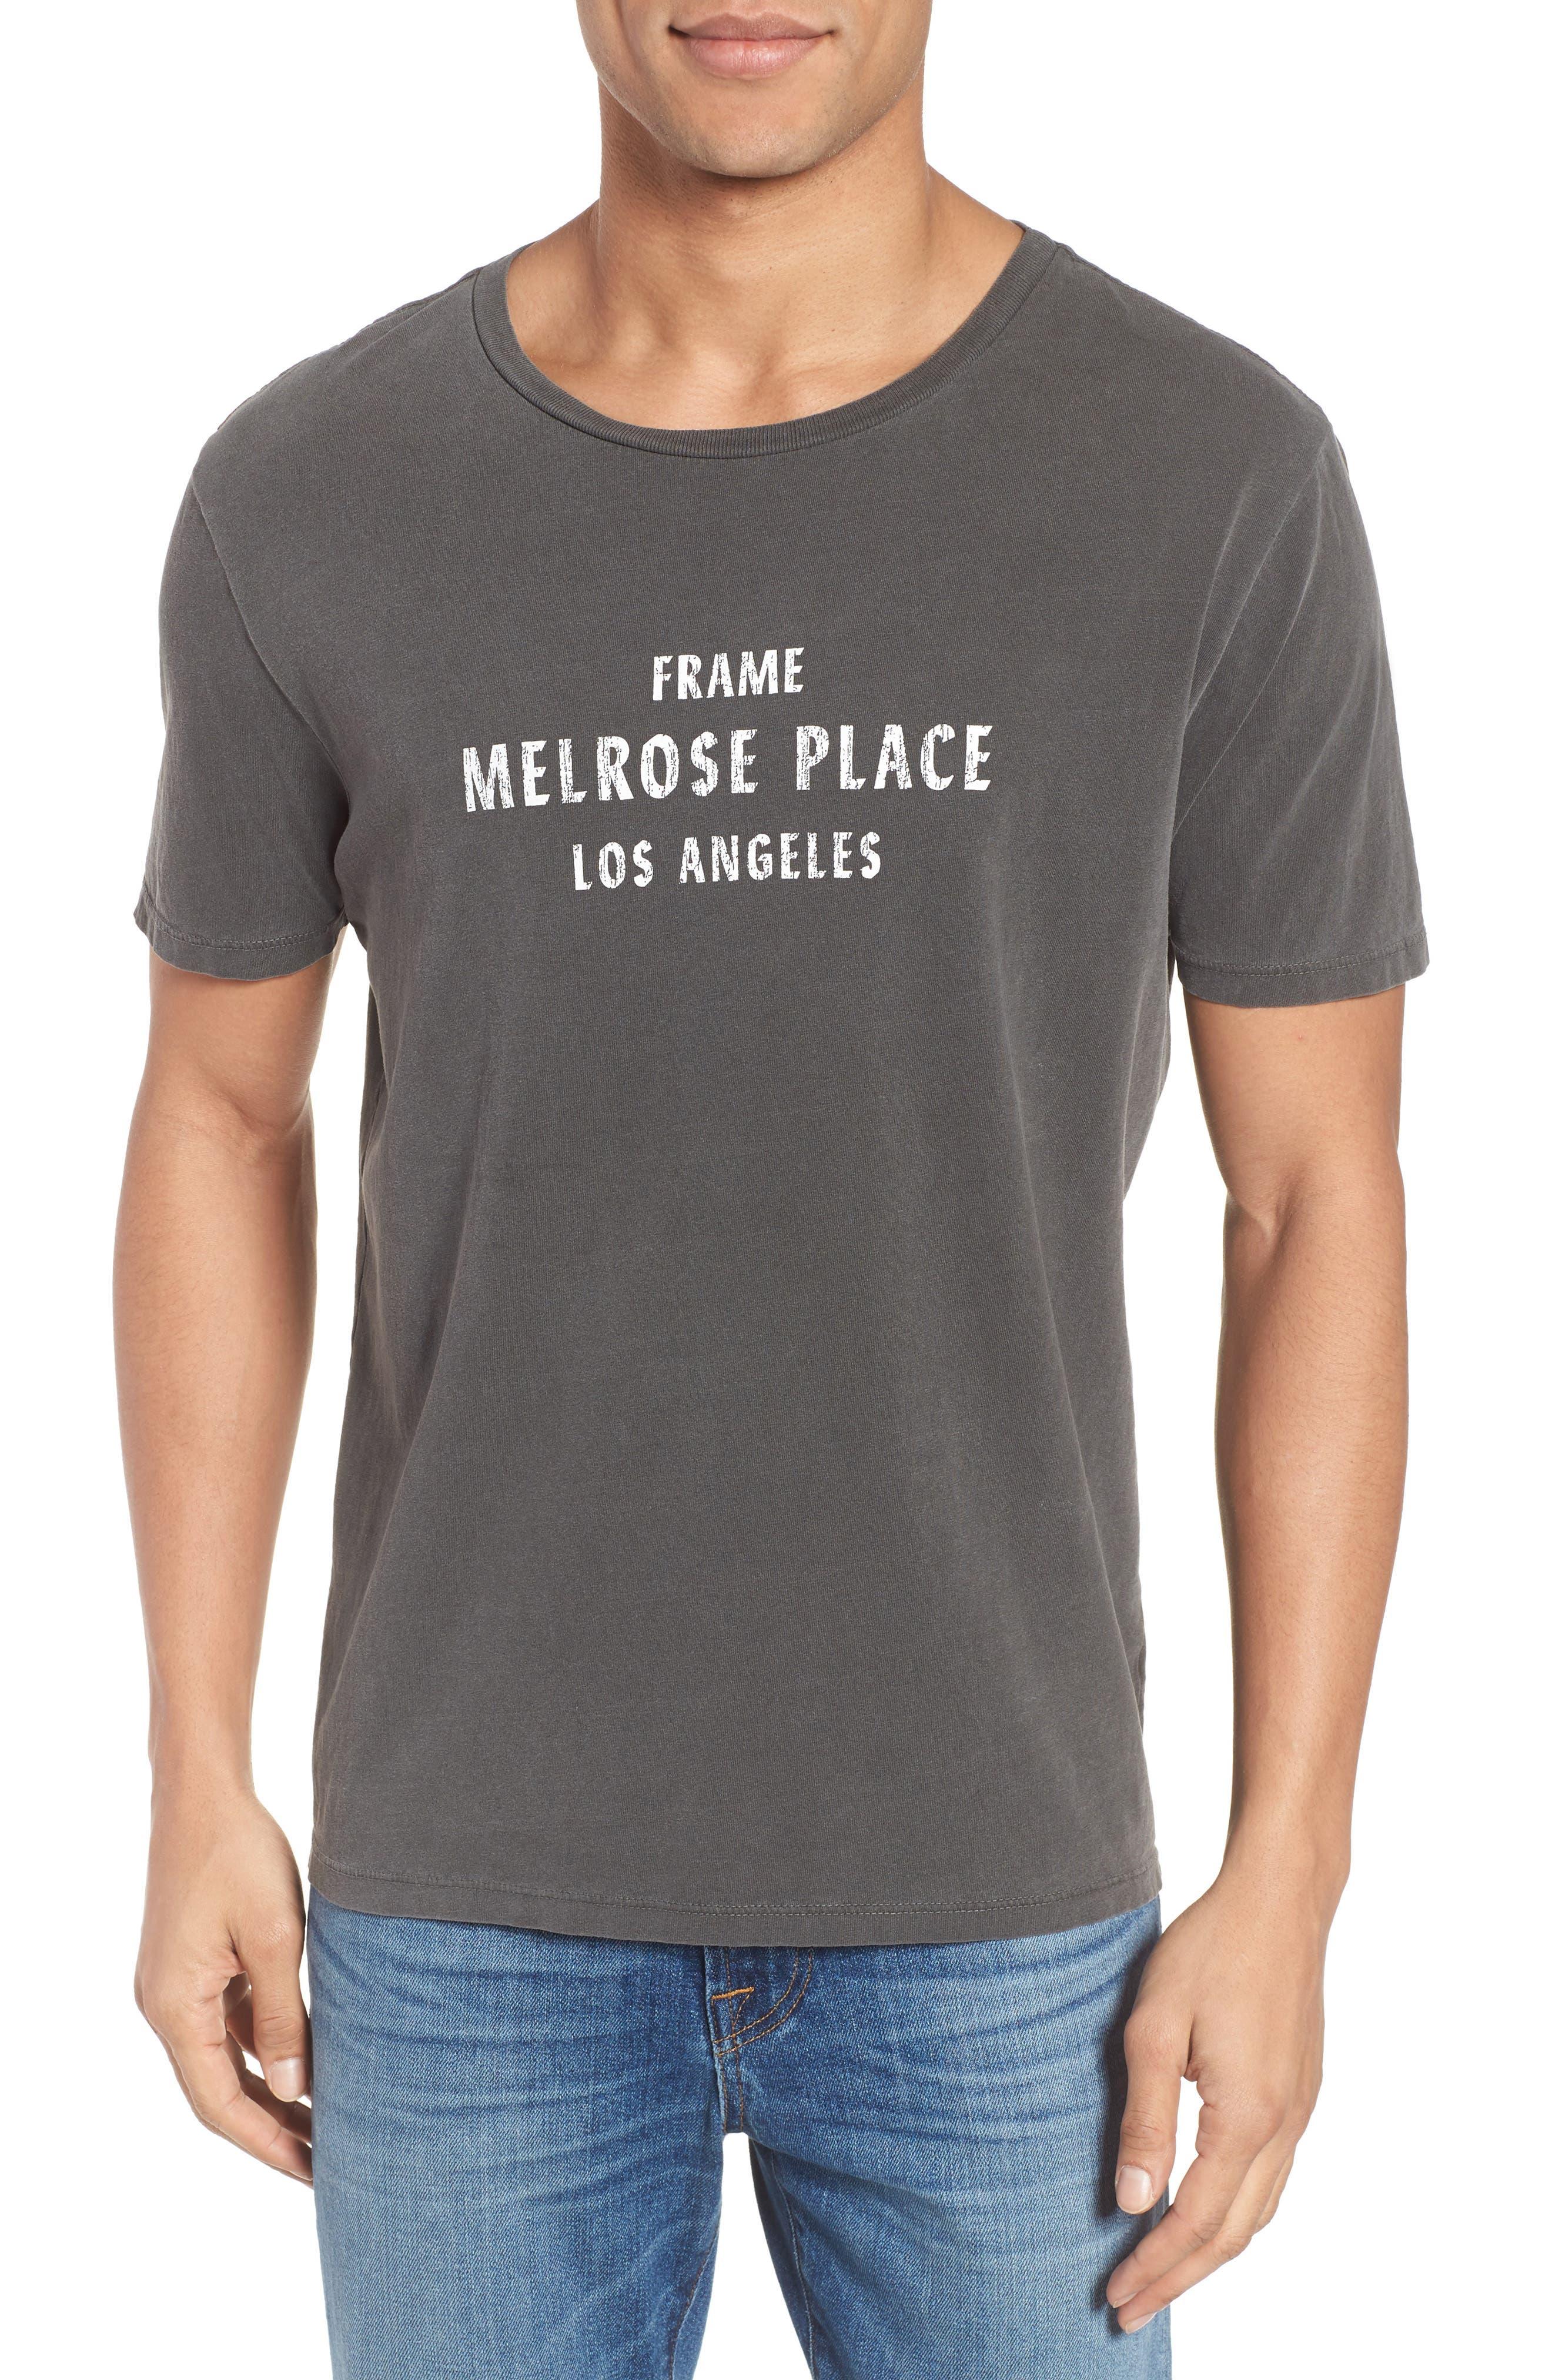 Melrose Place Vintage Graphic T-Shirt,                             Main thumbnail 1, color,                             001